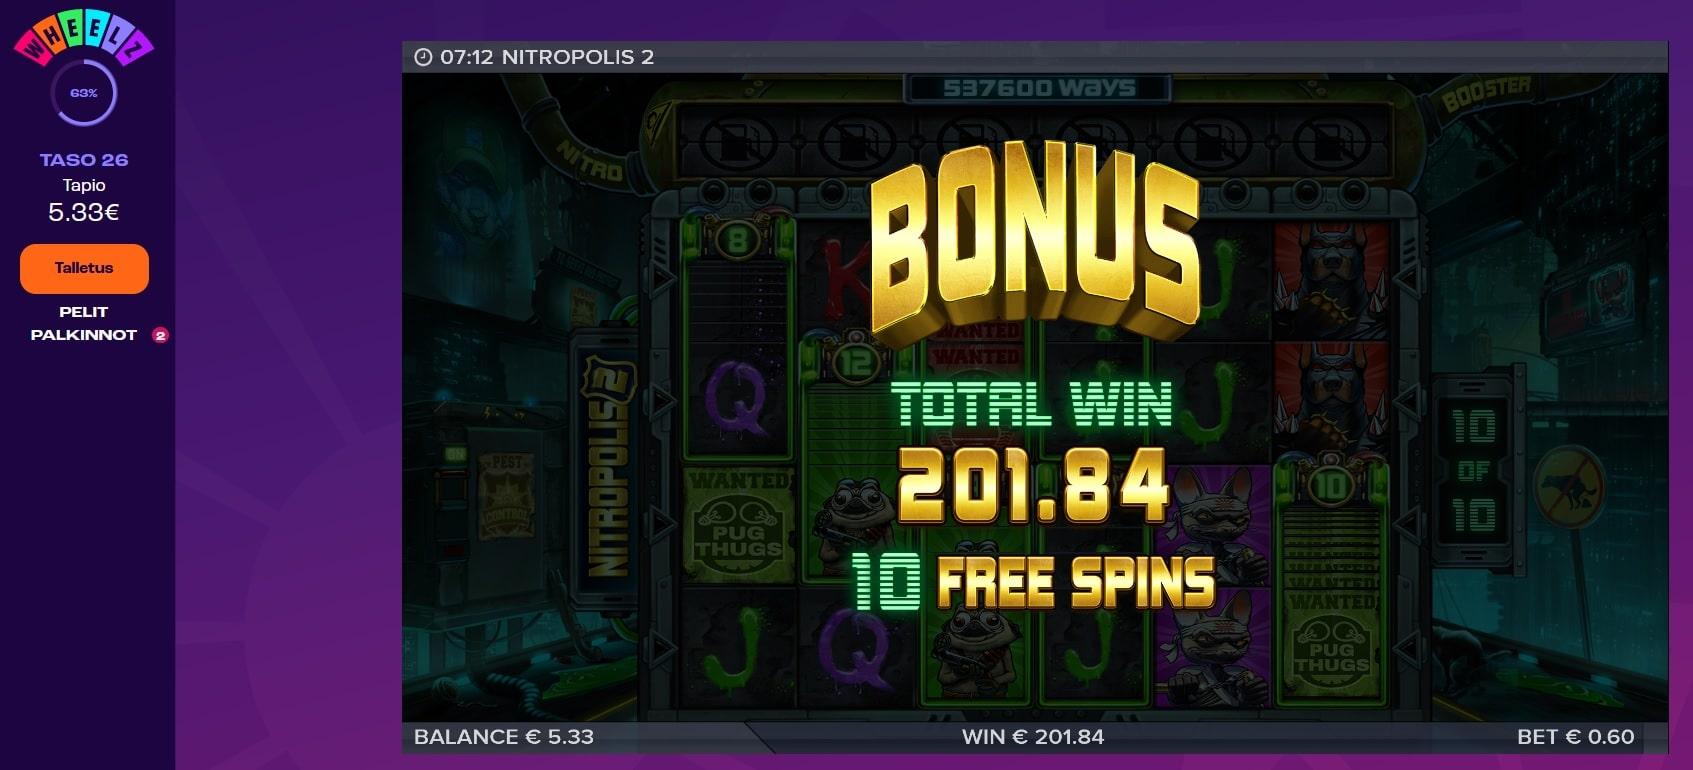 Nitropolis 2 Casino win picture by Mrmork666 31.5.2021 201.84e 336X Wheelz